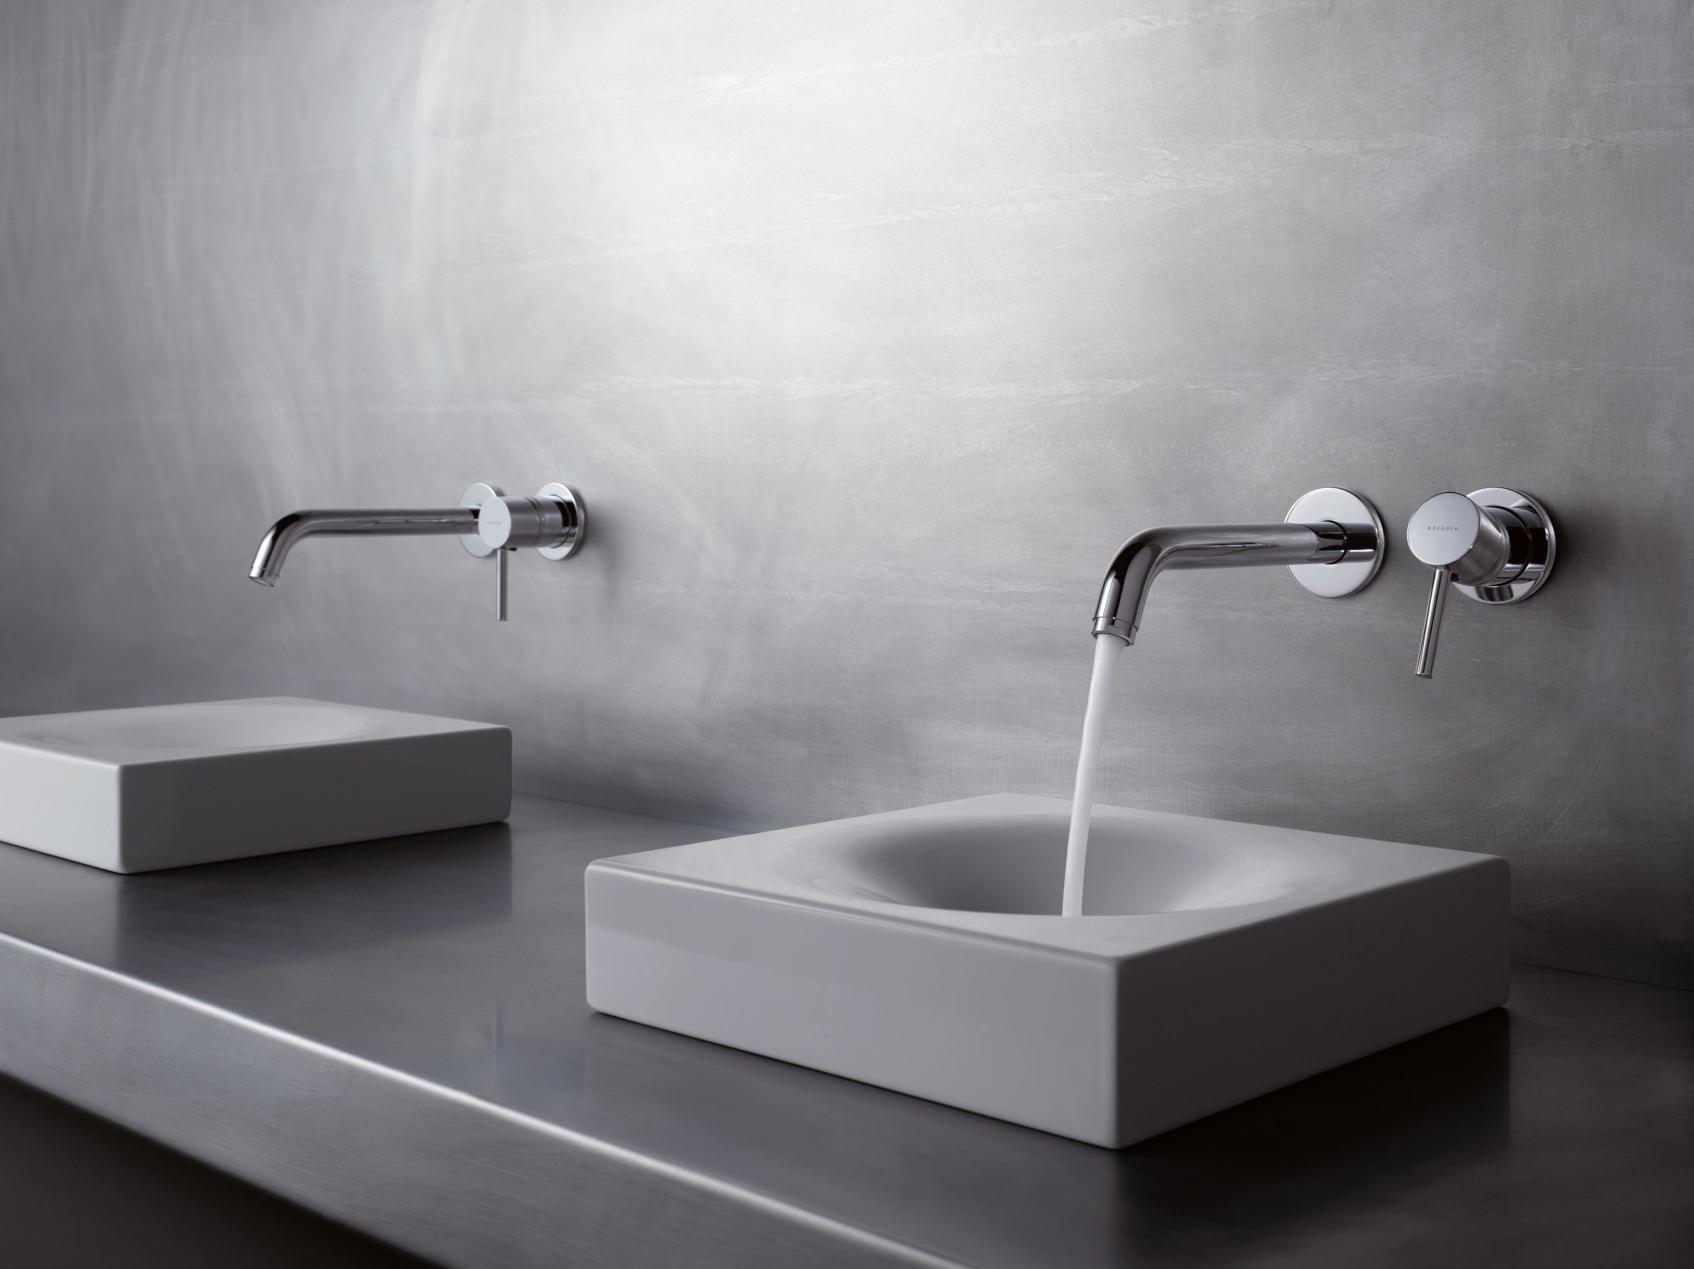 Kludi Bozz I Nowoczesna łazienka Czyli Kwintesencja Minimalizmu